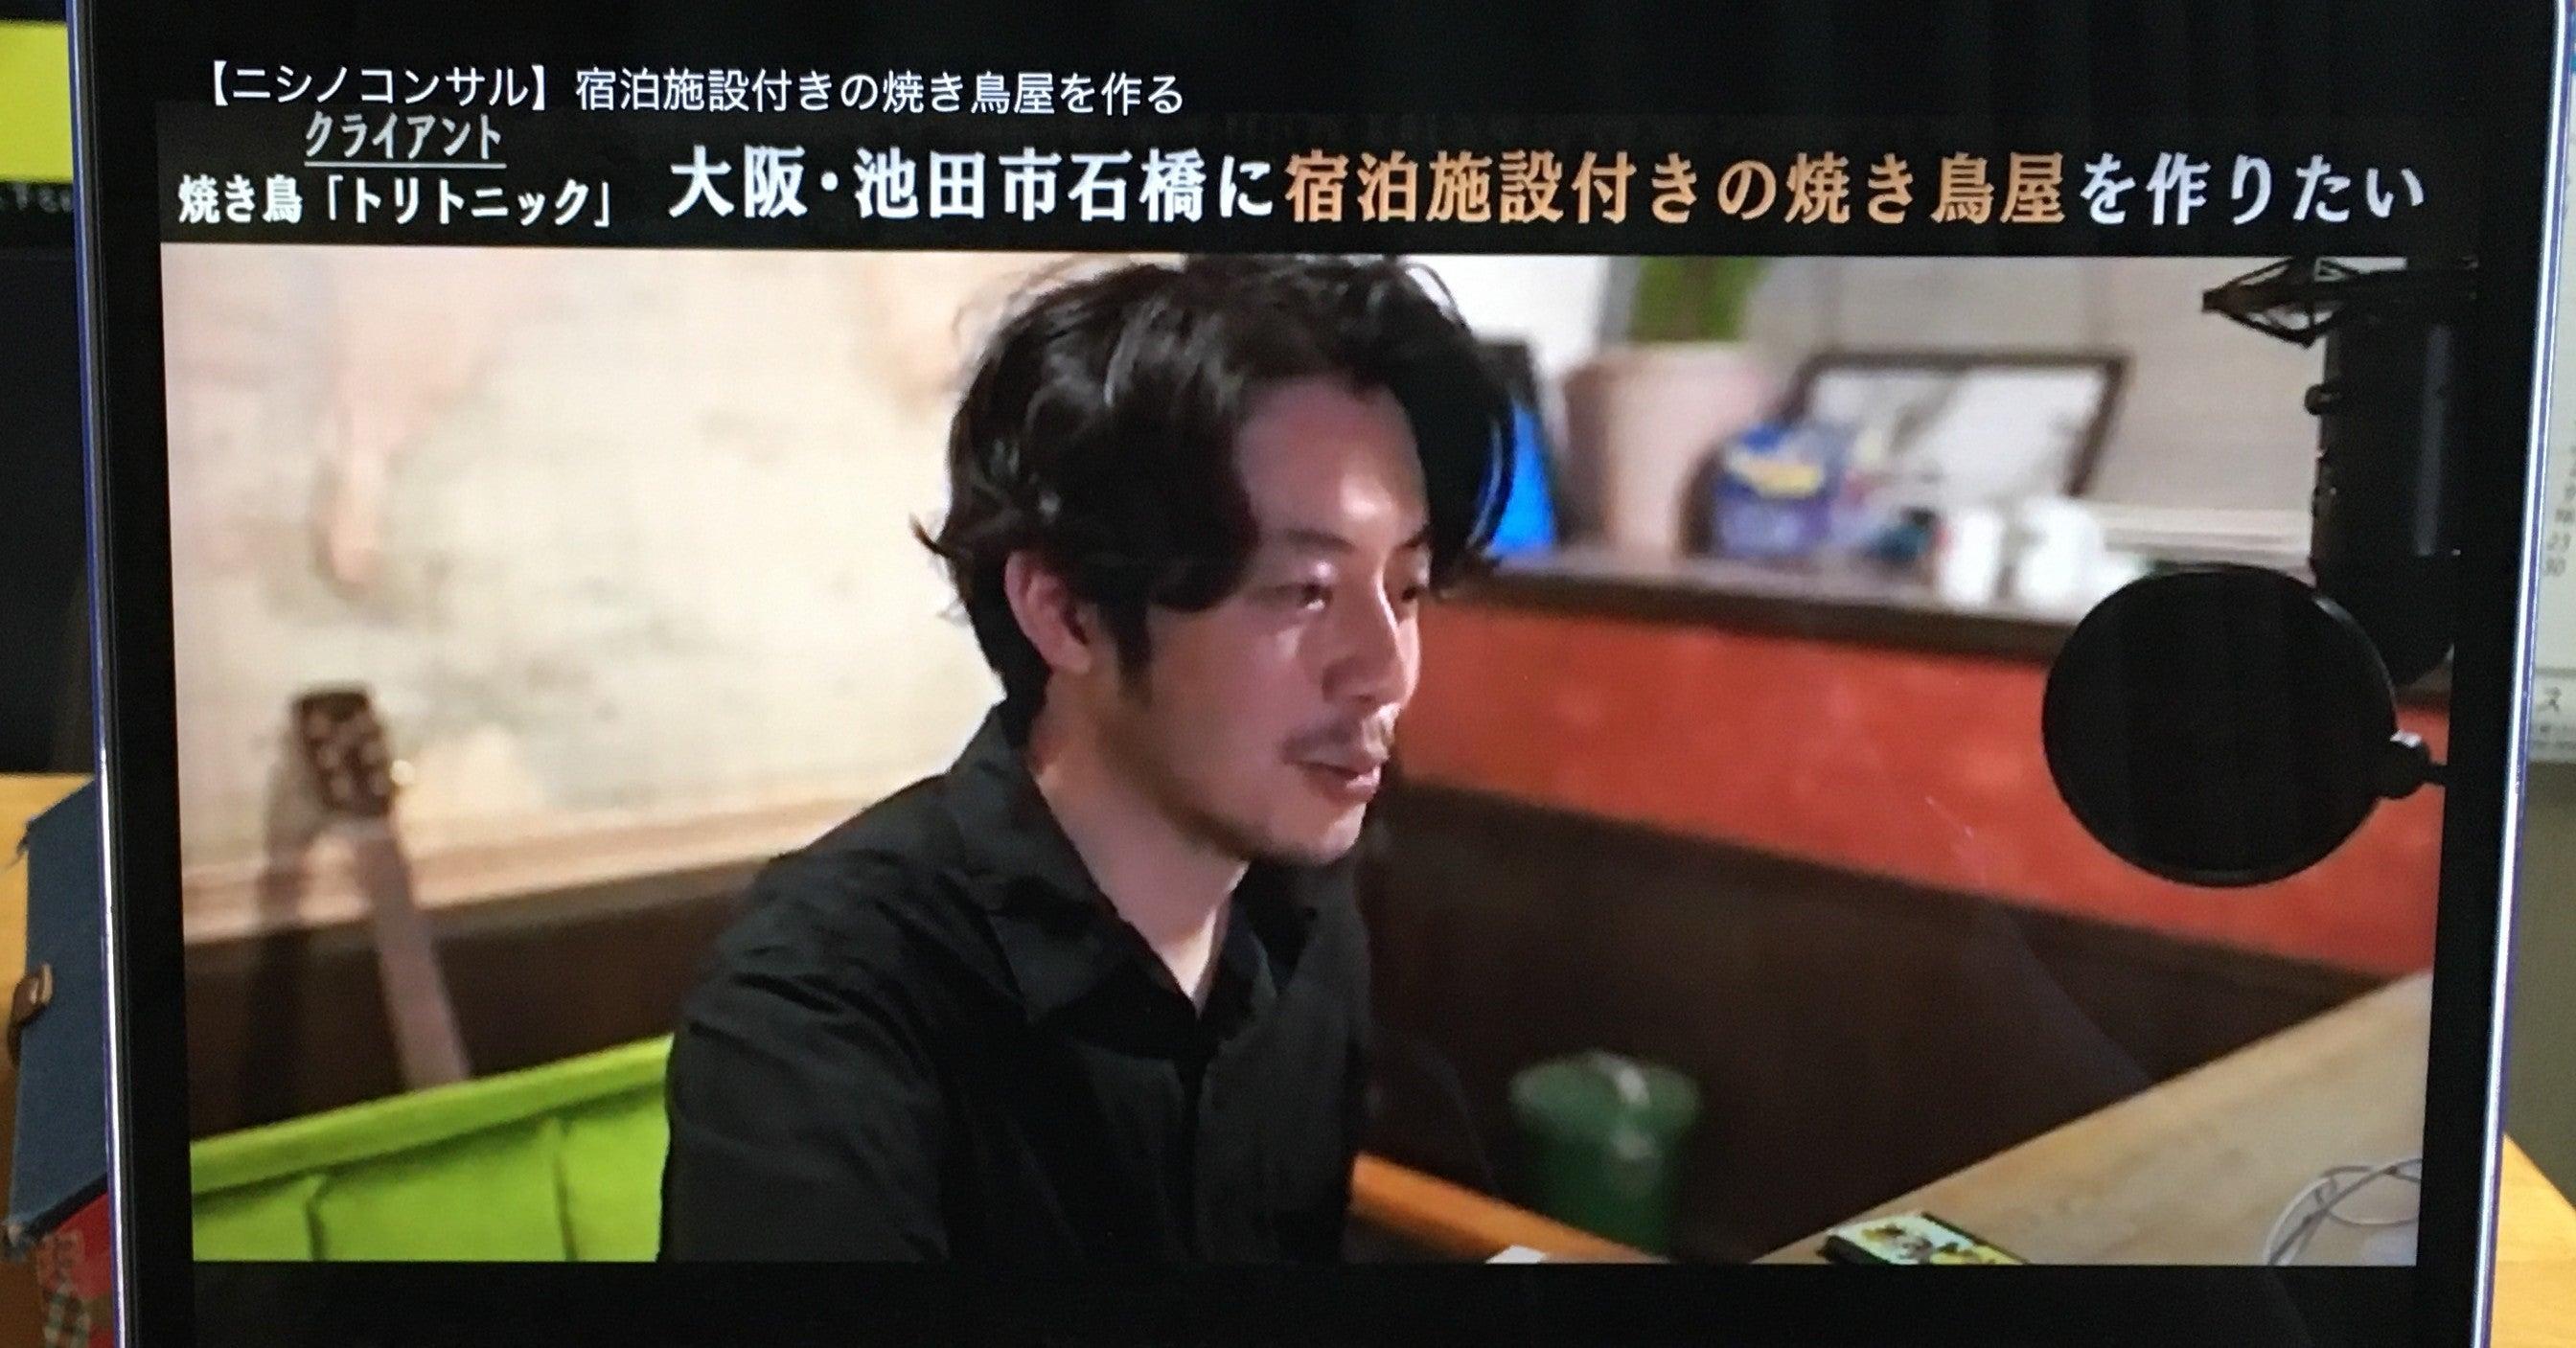 451杯目:【コラム】復活!?ニシノコンサル、新たな西野亮廣エンタメ ...